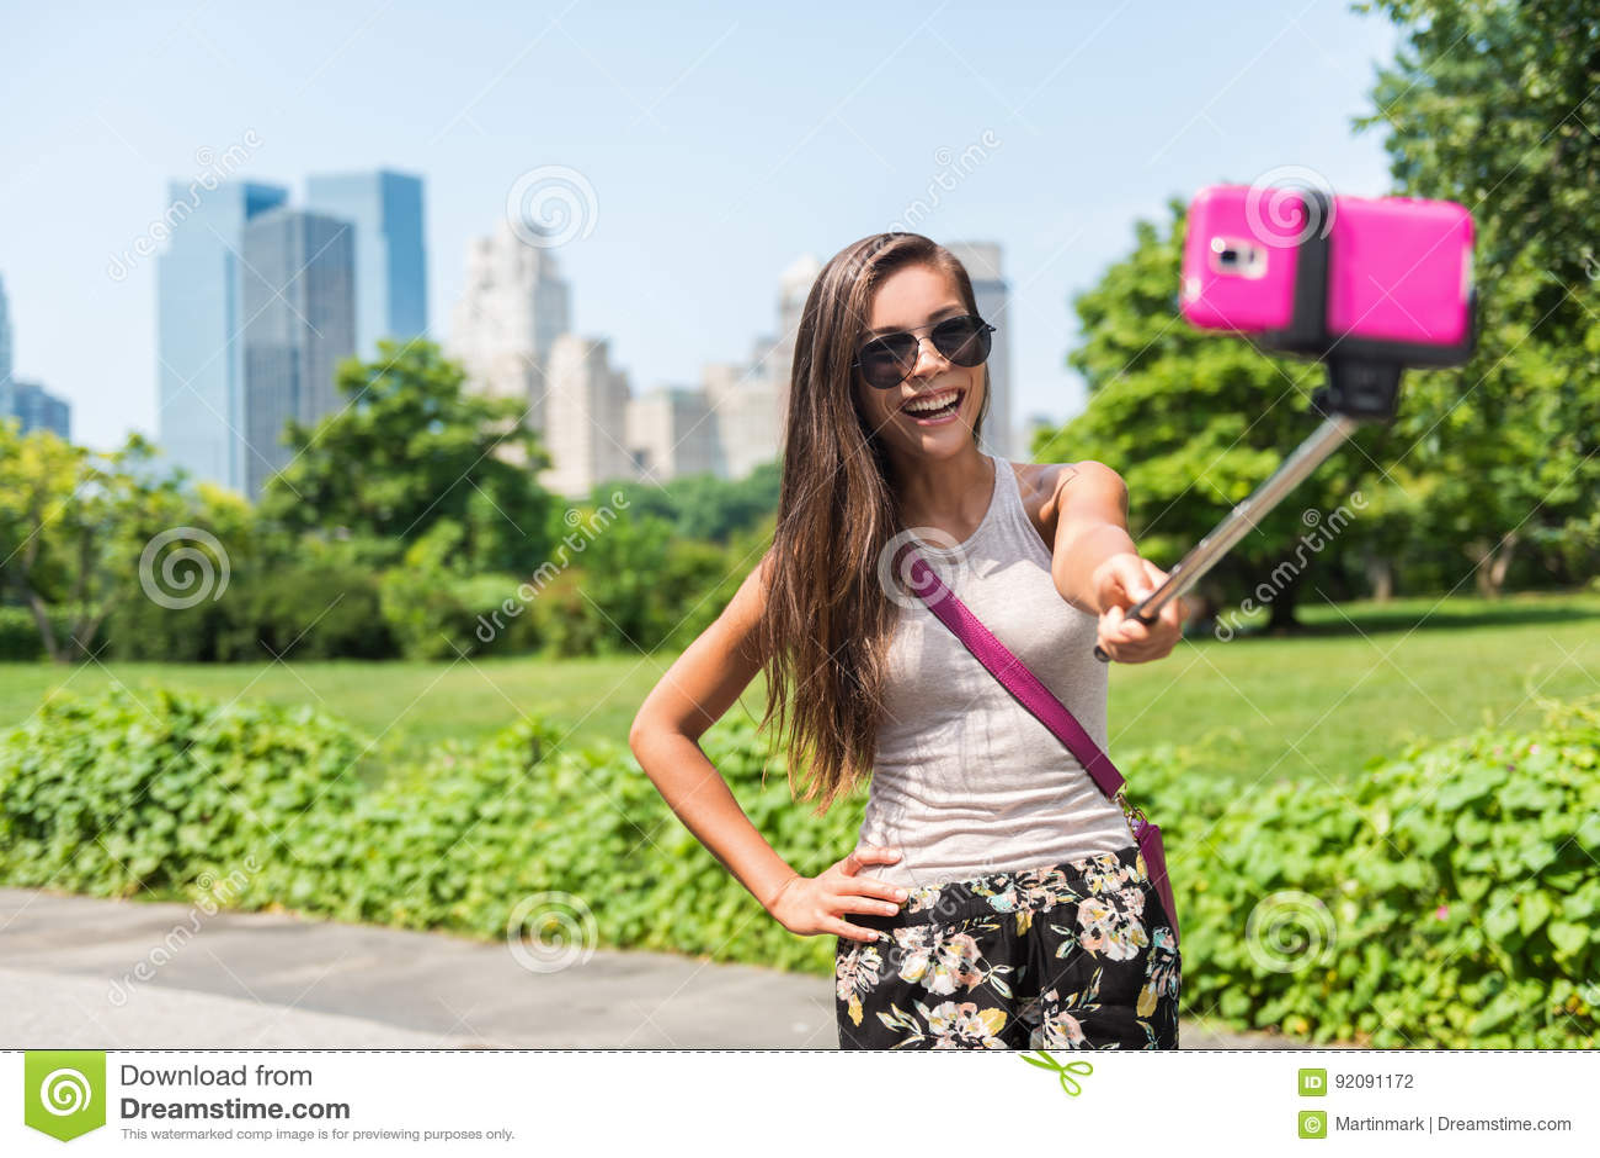 Szczęśliwy podróż turysta bierze selfie kija obrazek